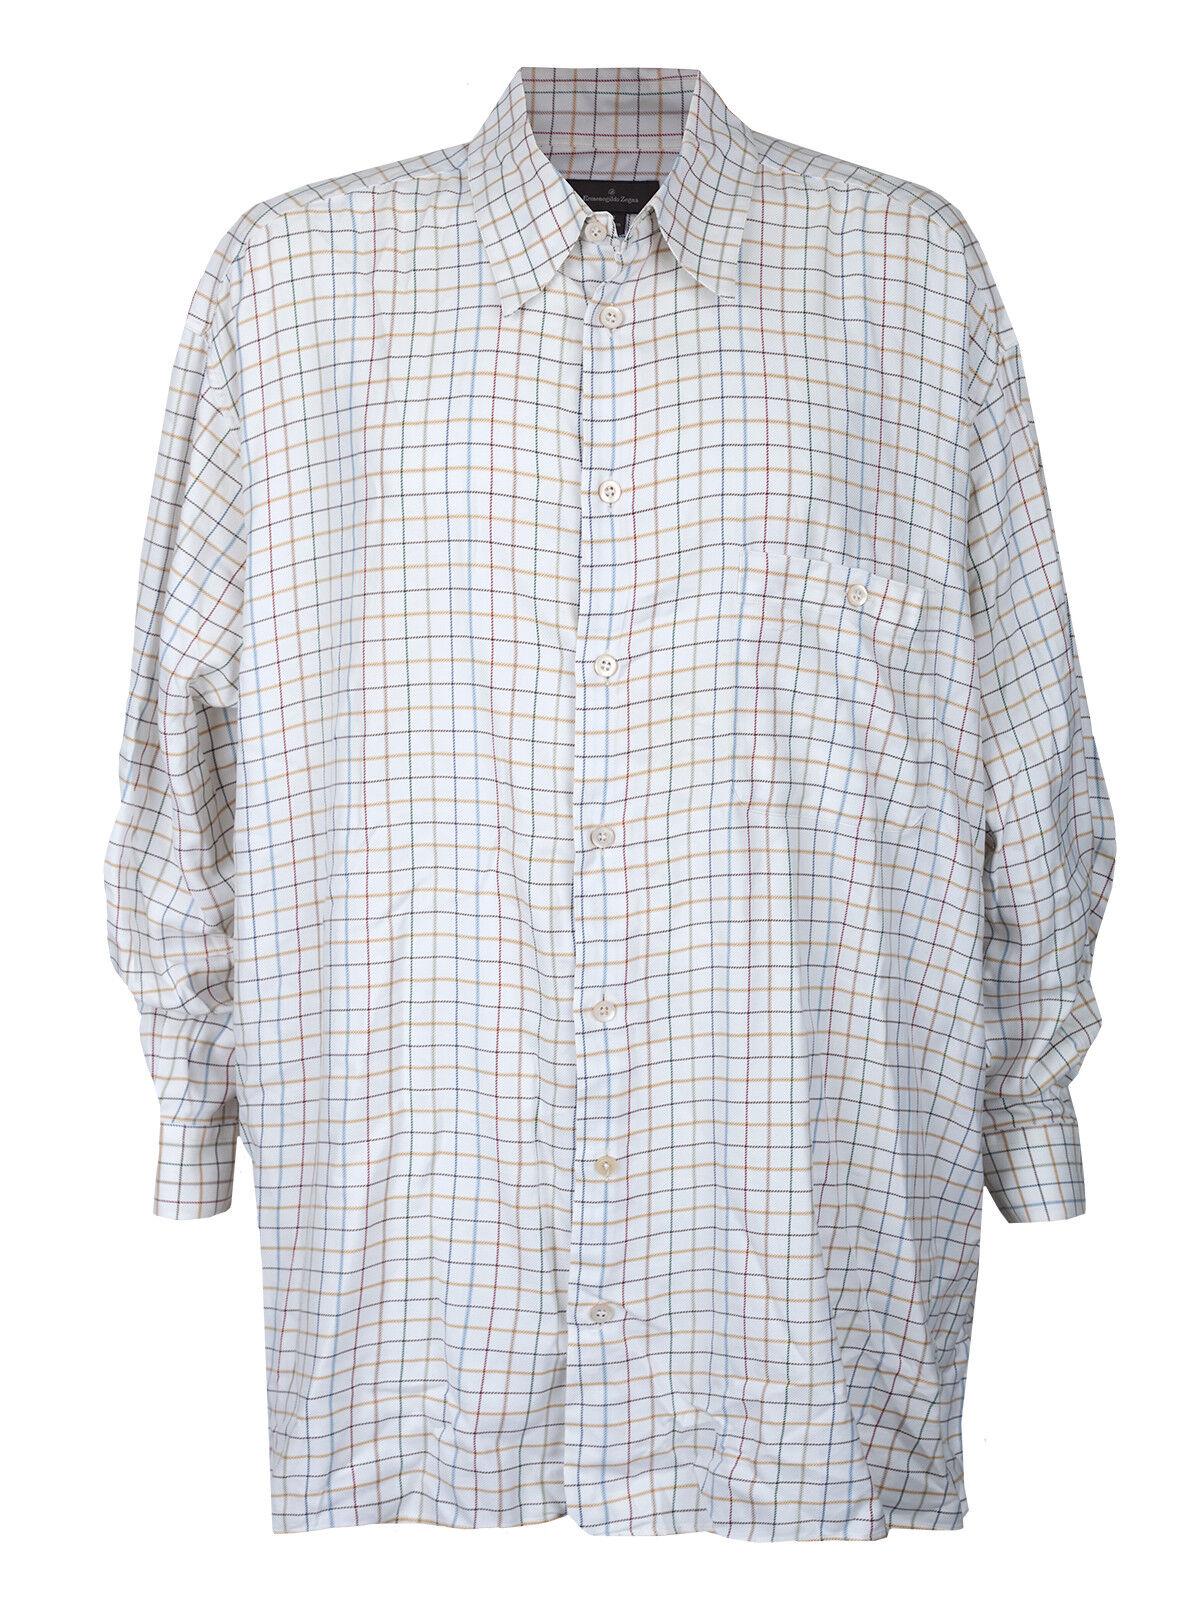 Men's Ermenegildo Zegna Shirt White Plaid Button Up 3XB Designer Big & Tall